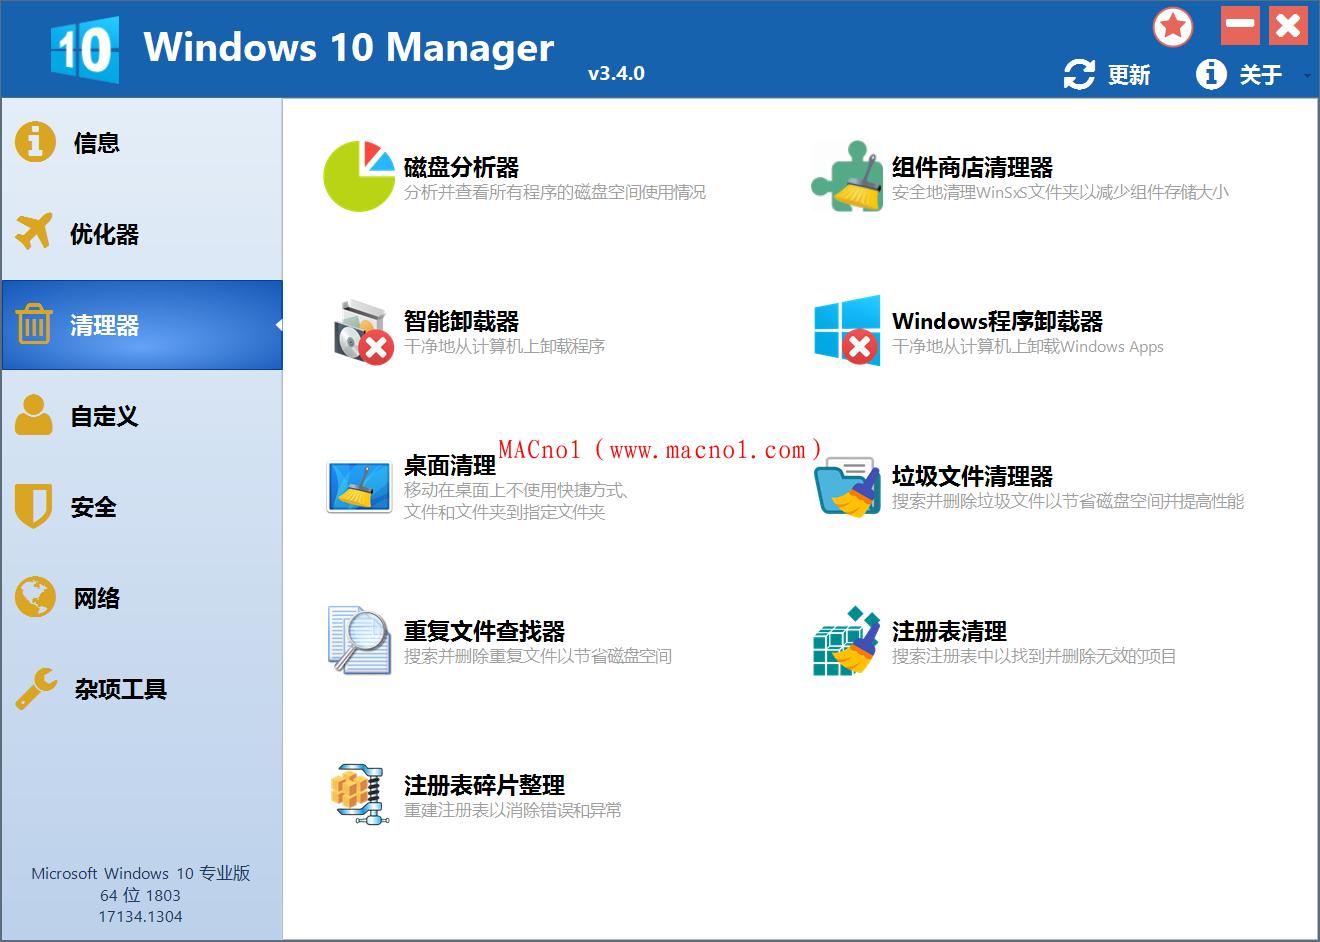 Windows 10 Manager 绿色版.png